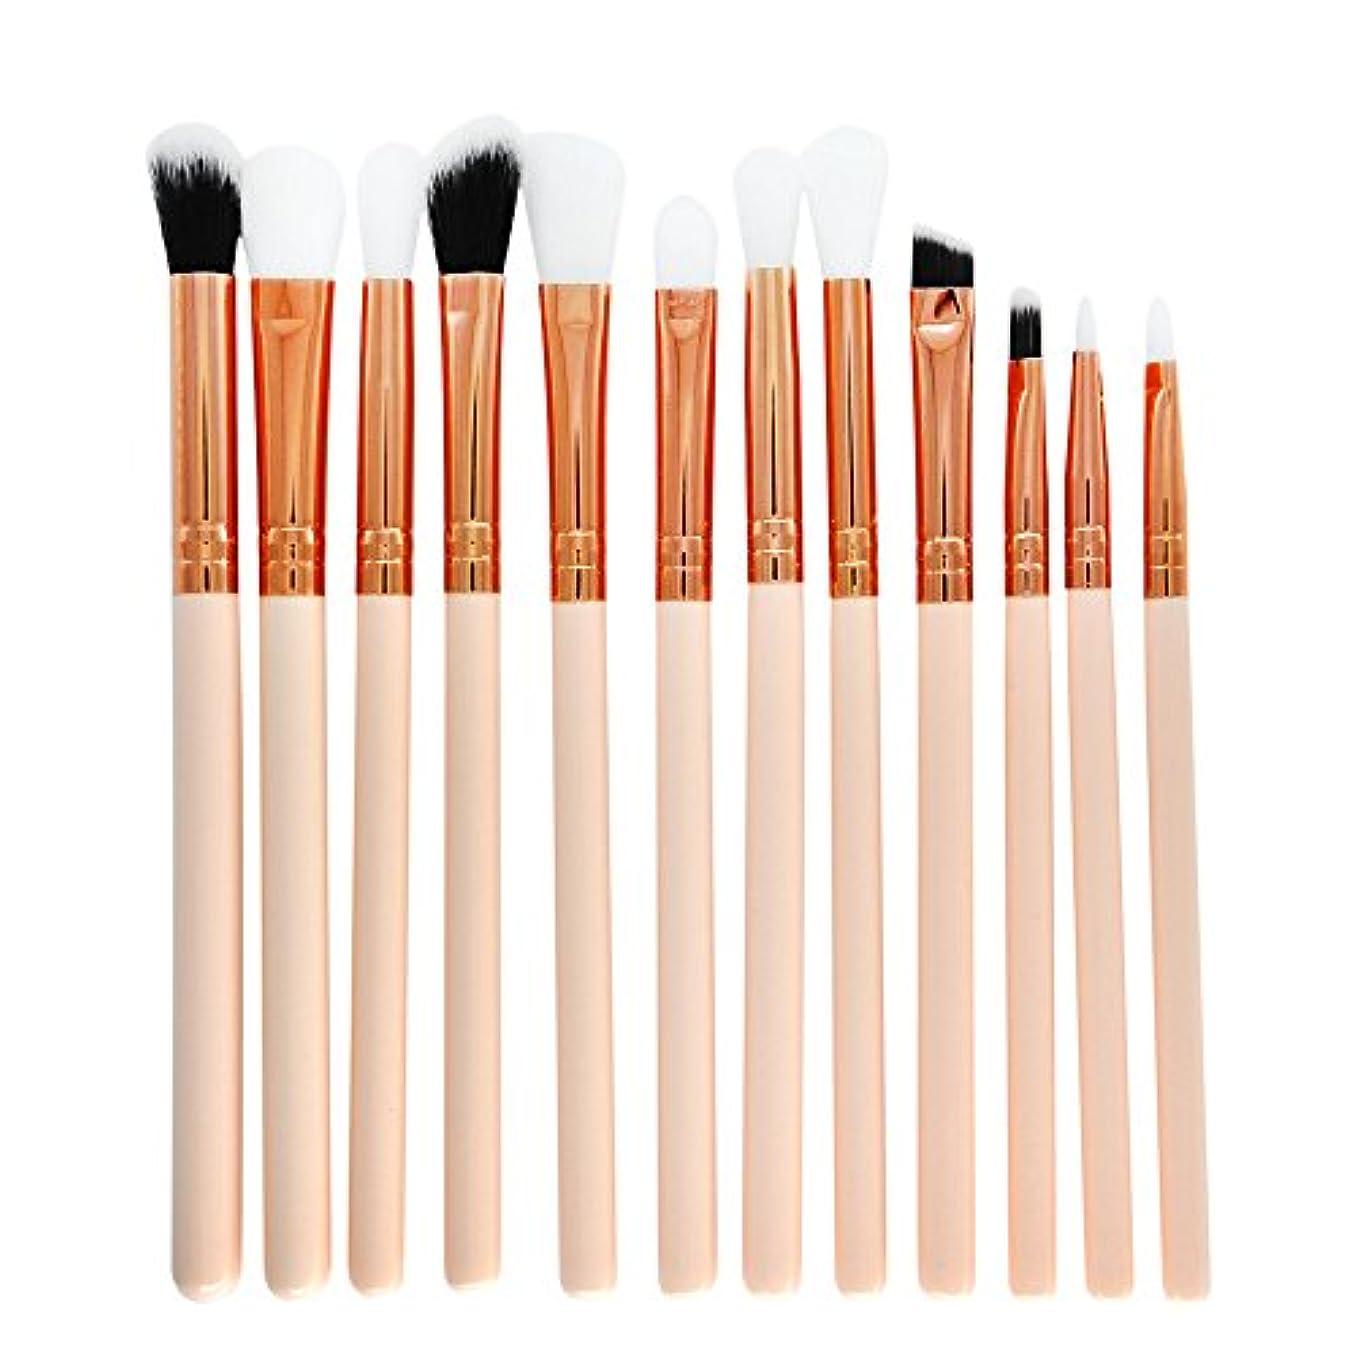 マオリ協会食品12 本セット化粧筆 | メイクアップブラシセット アイシャドウメイクブラシ| コスメチック化粧ブラシキットビューティーツール (ホワイト)